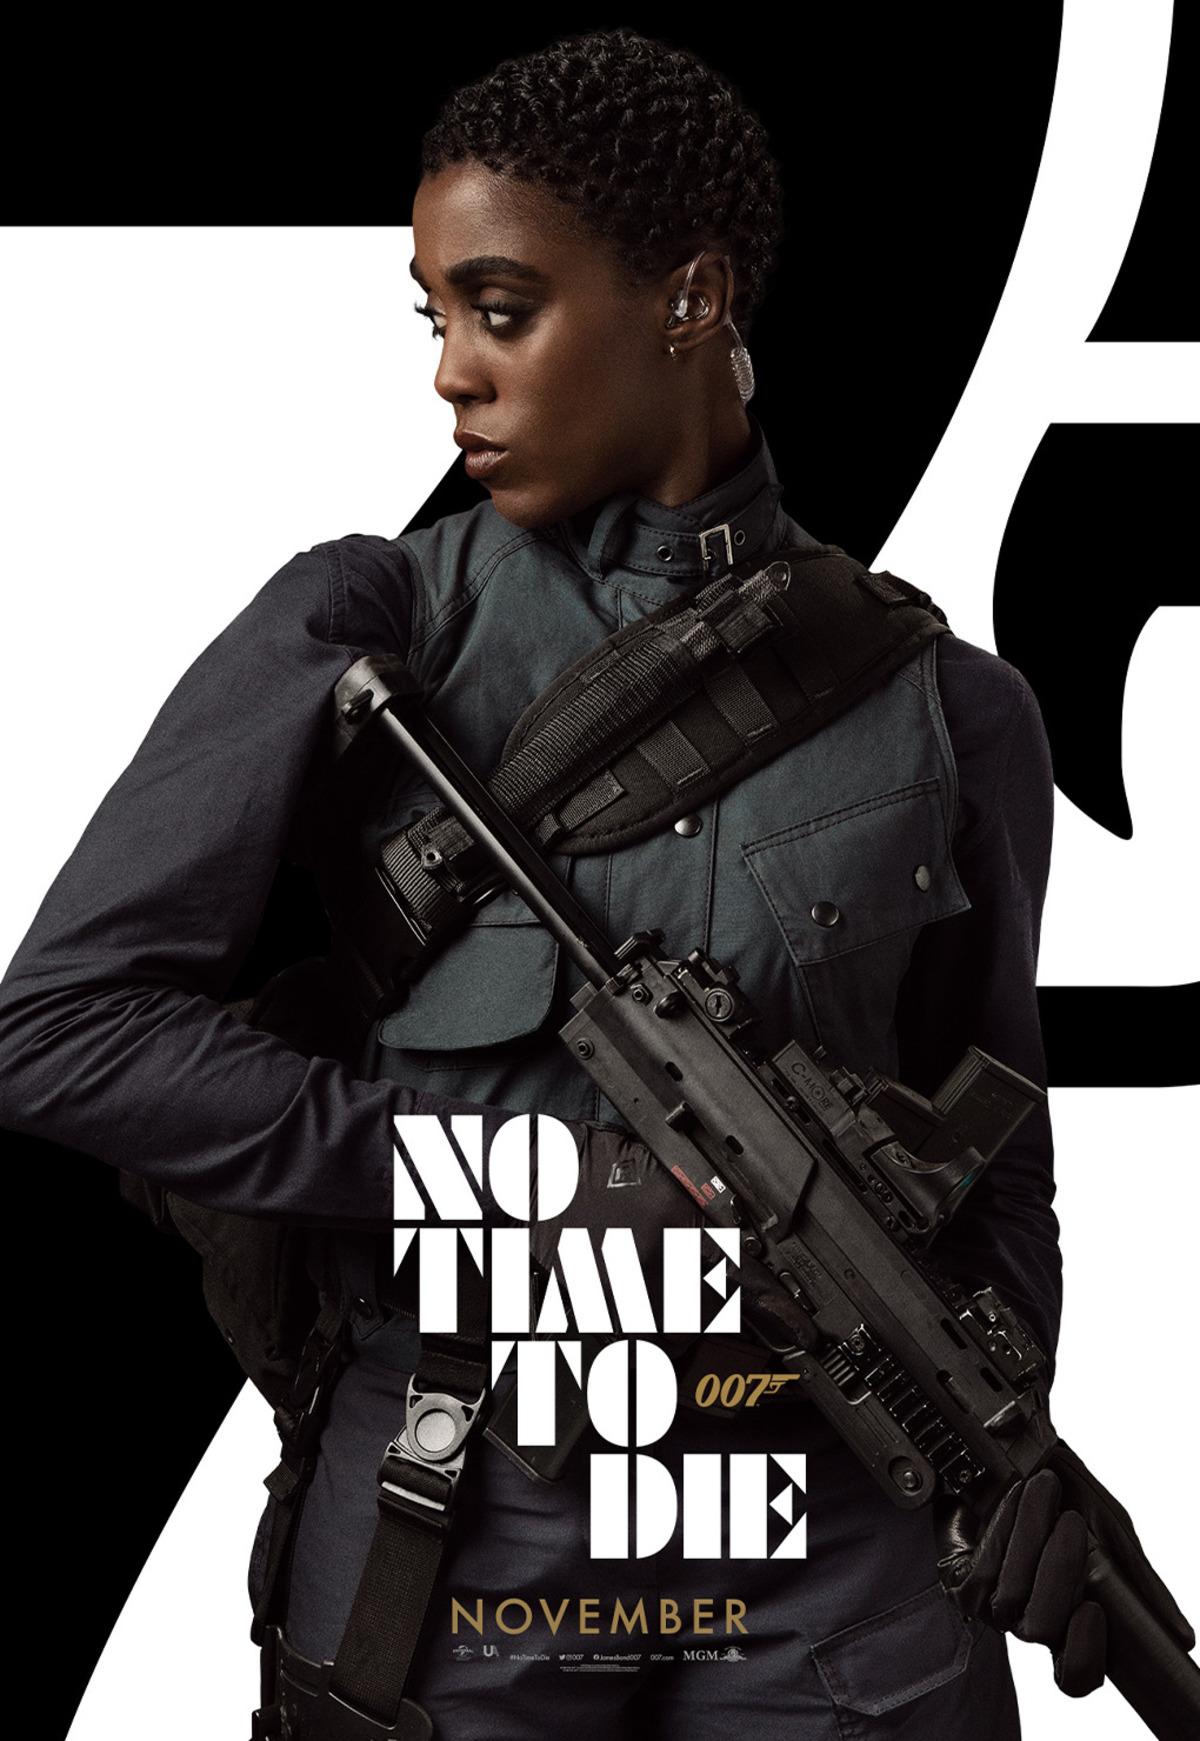 Tato černoška je nový James Bond